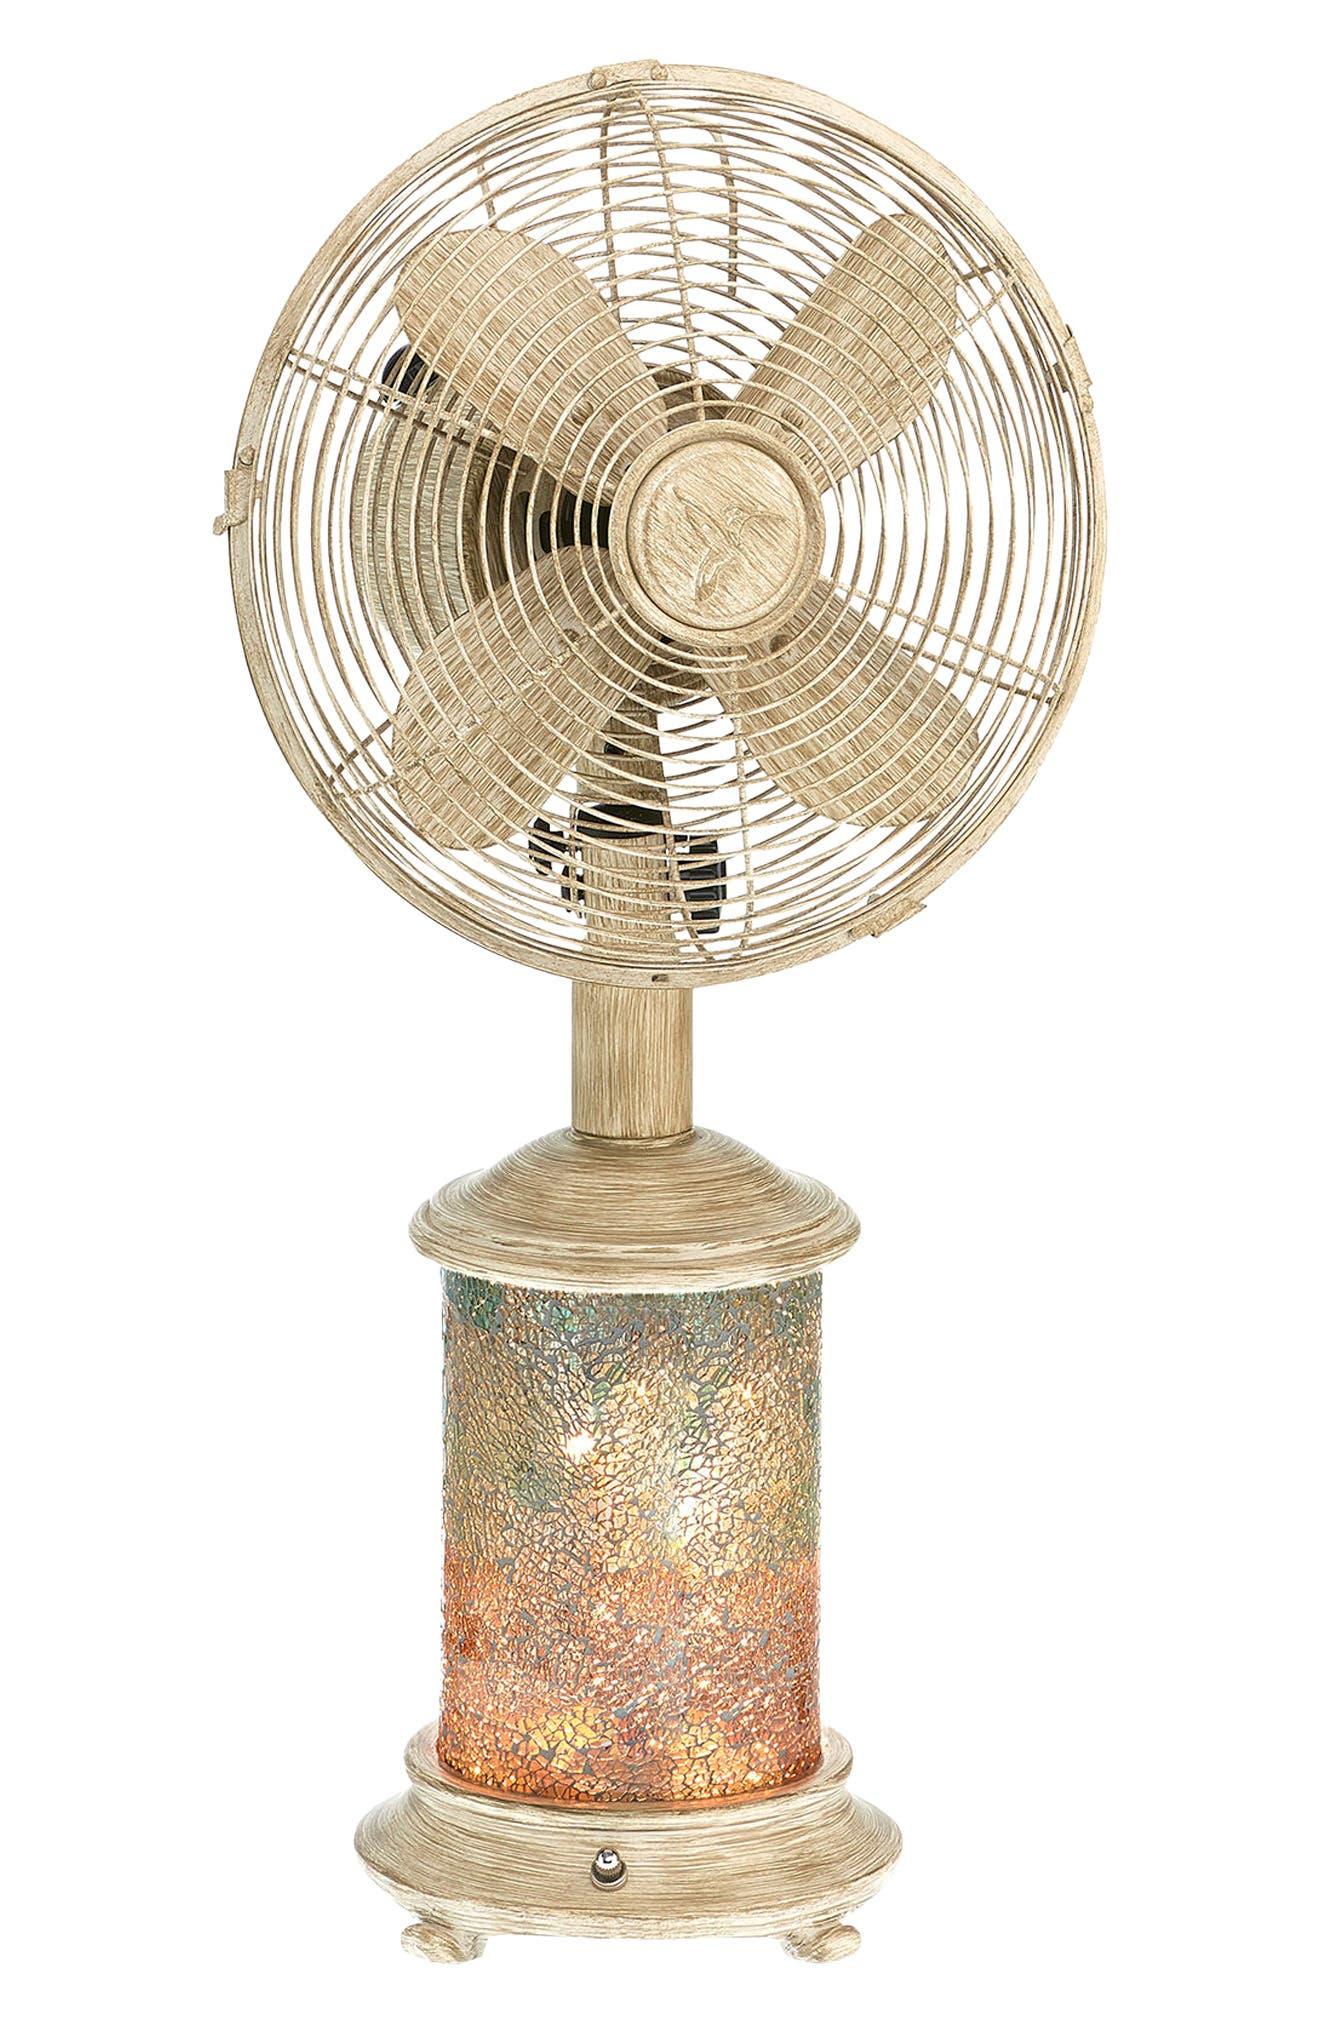 Alternate Image 1 Selected - DecoBREEZE Sea Breeze Table Fan & Light